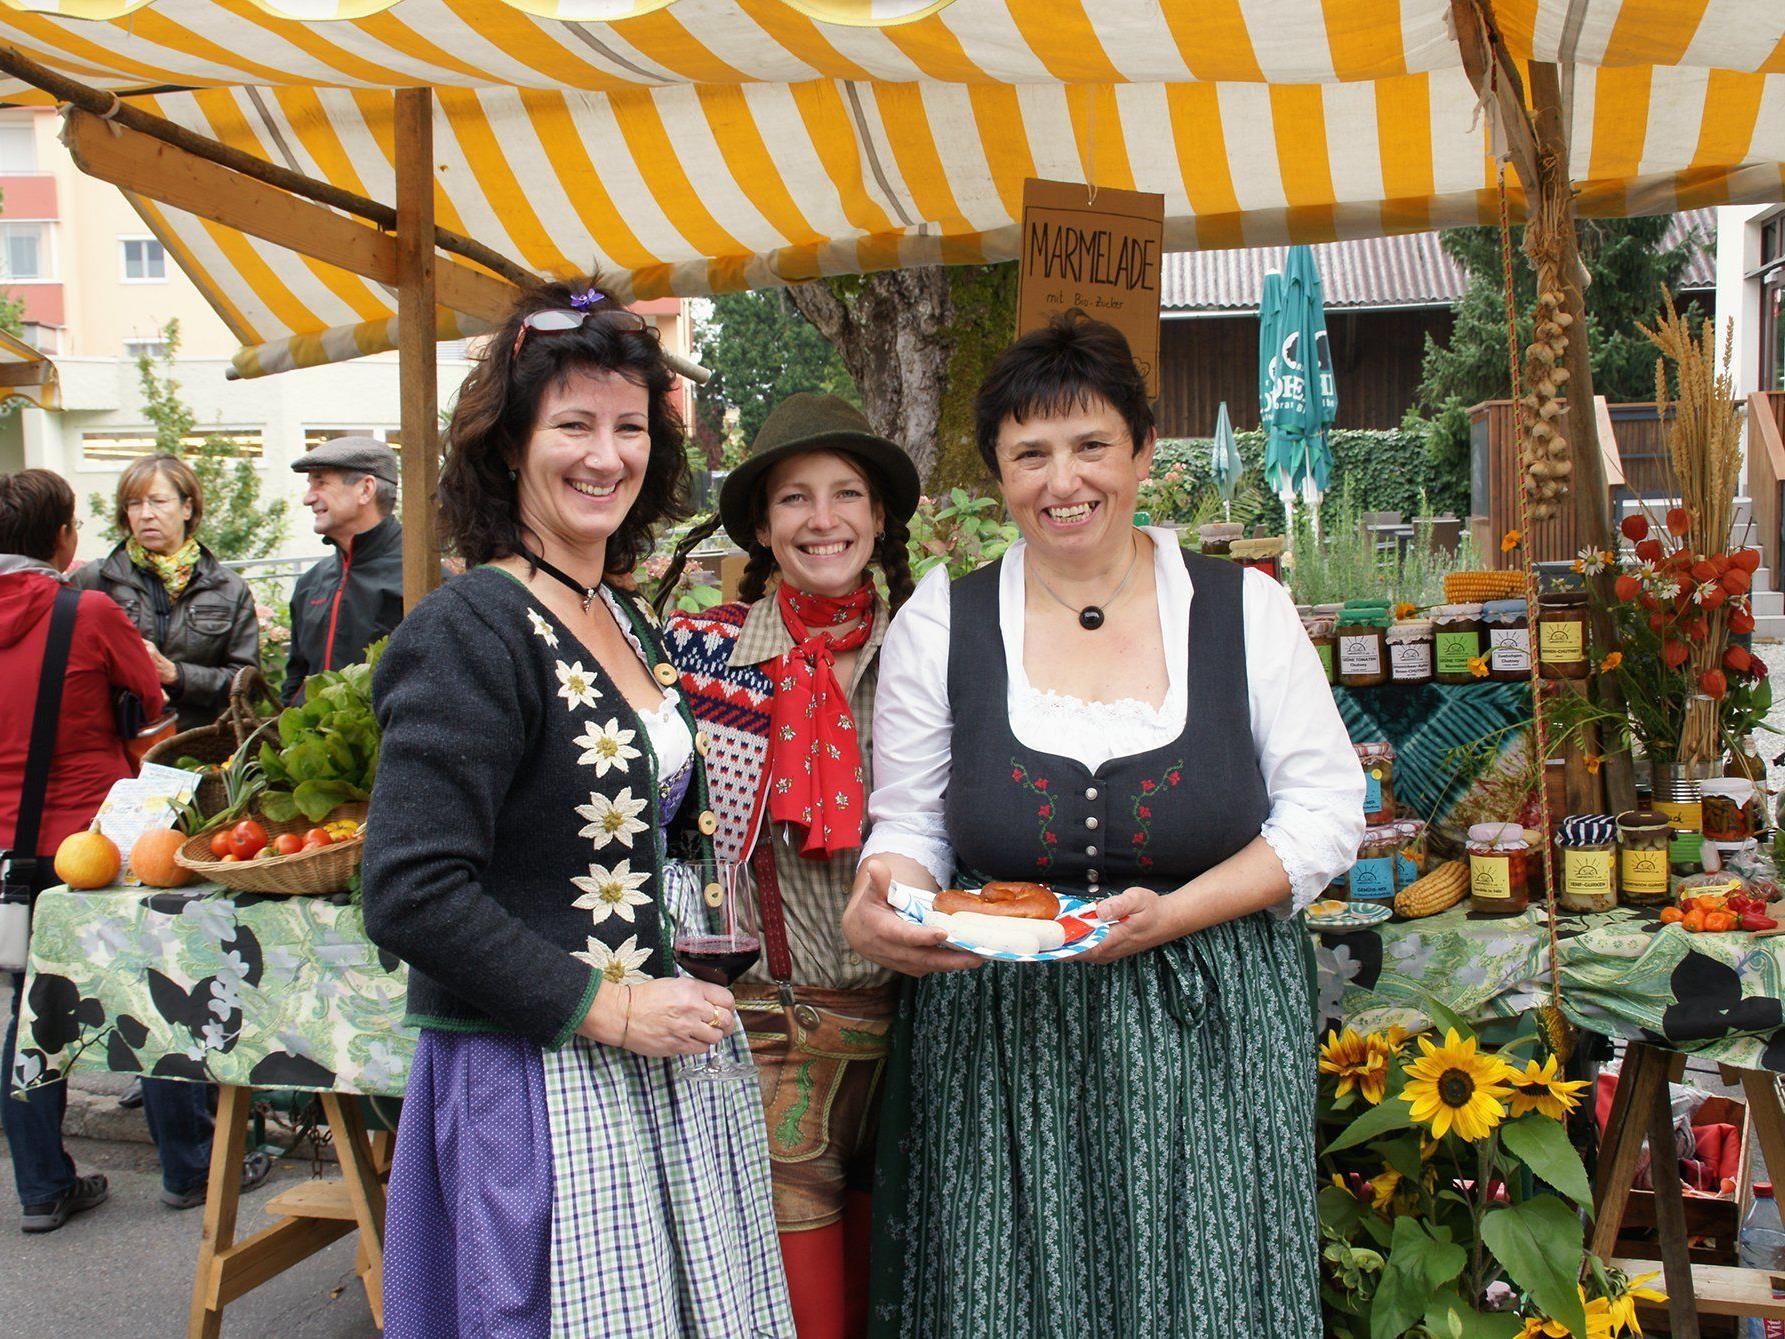 Der dieswöchige Wochenmarkt präsentierte sich so zünftig wie Theresia und Angelika.